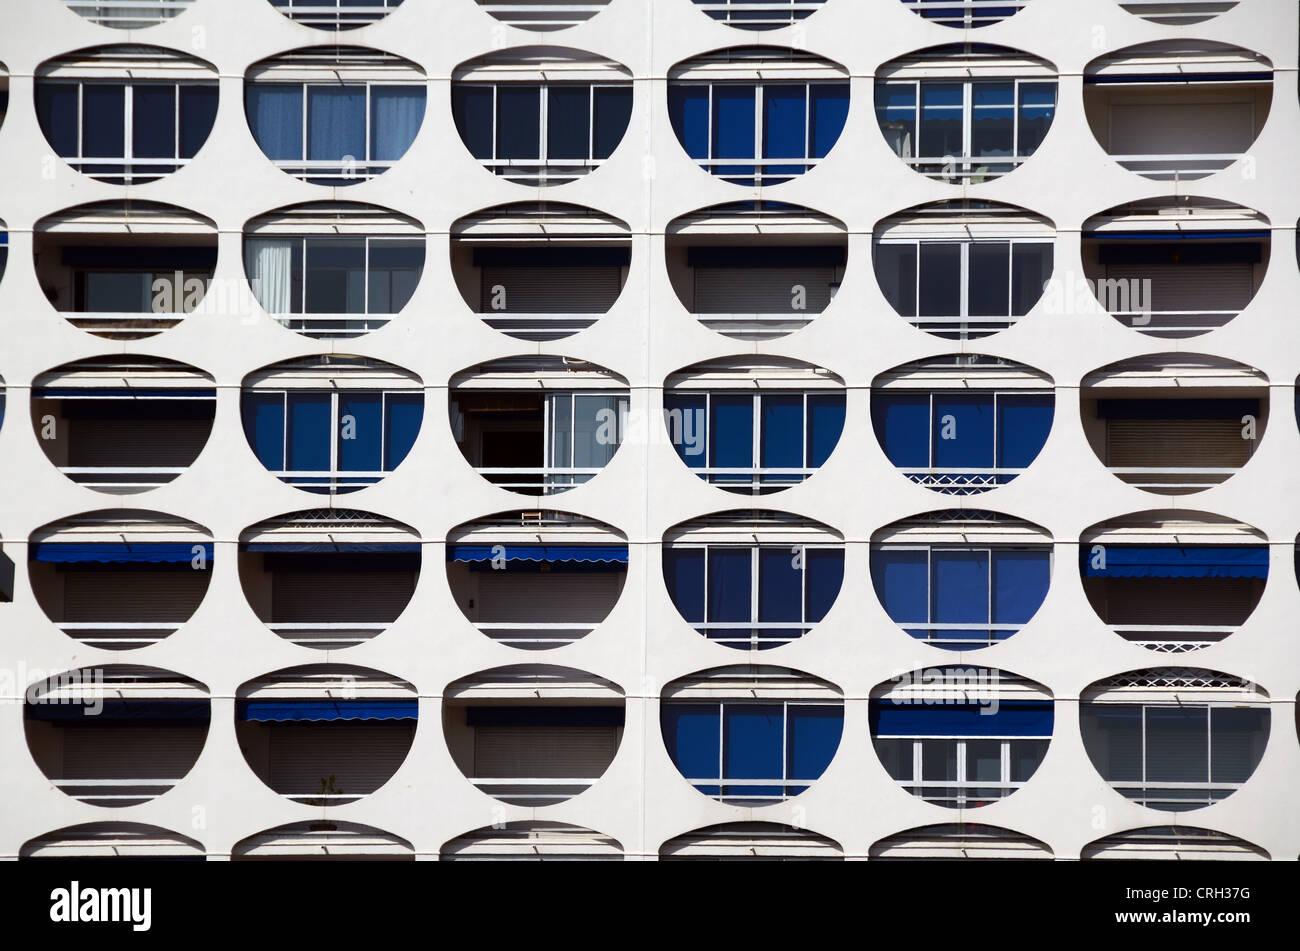 Les modèles de fenêtre ou appartements de vacances Appartements de vacances à La Grande-Motte Station Photo Stock